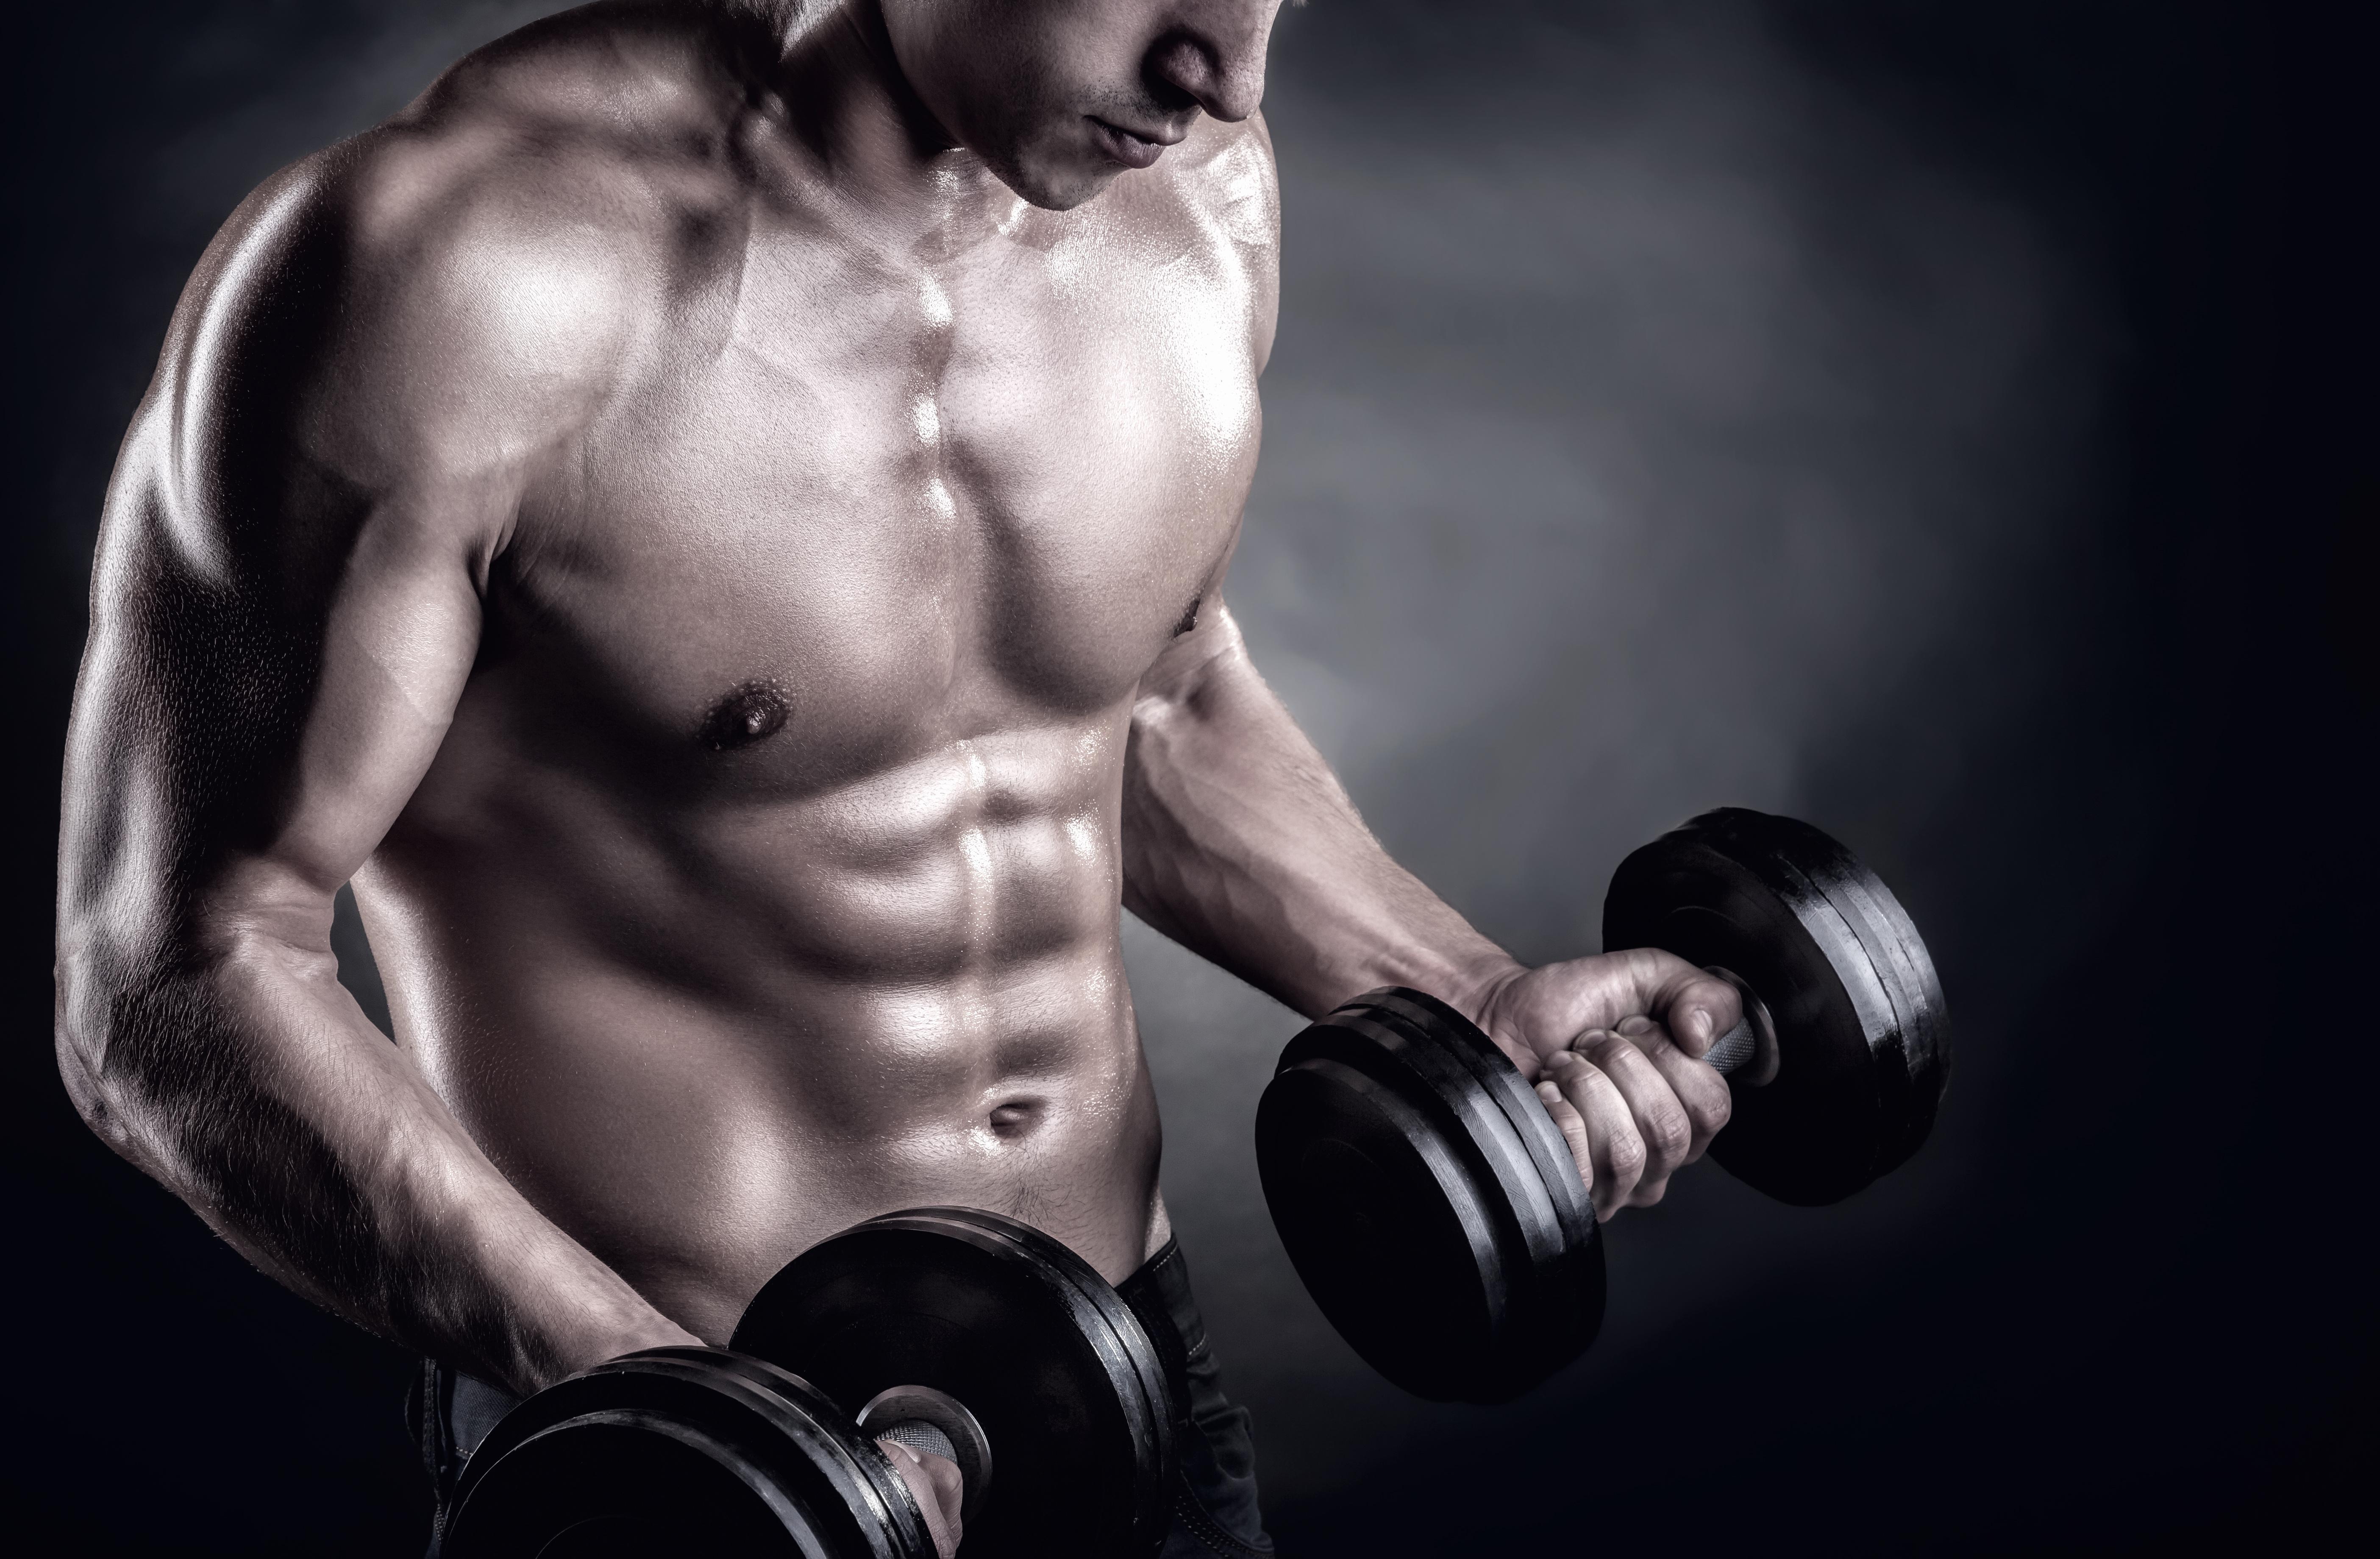 ガクト 筋肉 画像